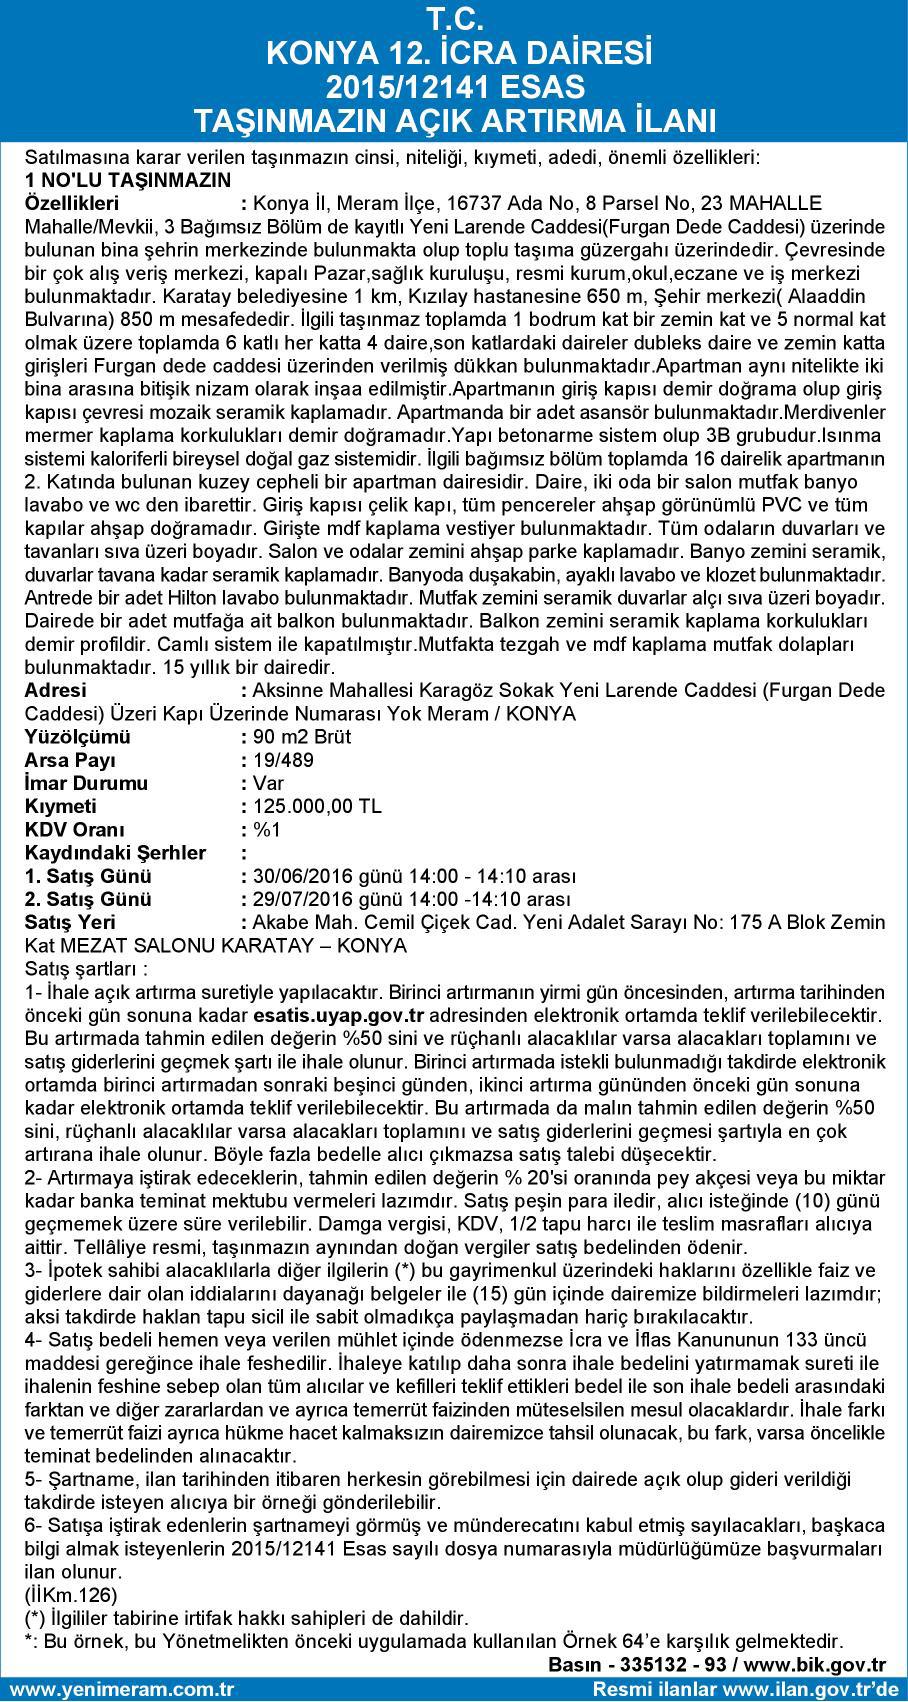 t-c-konya-12-icra-dairesi-201512141-esas-tasinmazin-acik-artirma-ilani